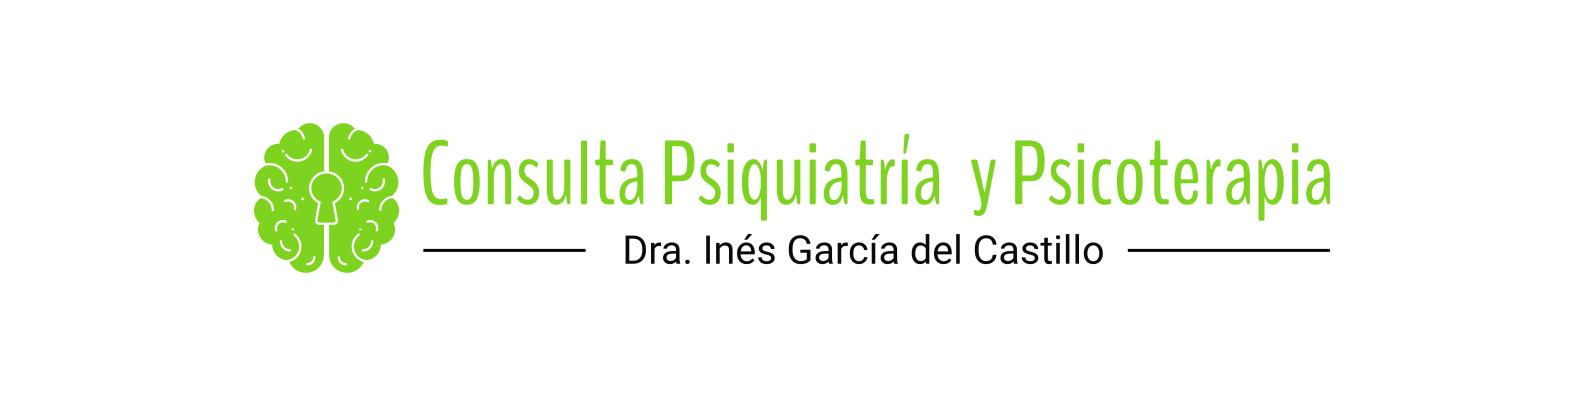 Dra. Inés García del Castillo - Psiquiatría y Psicoterapia en Madrid